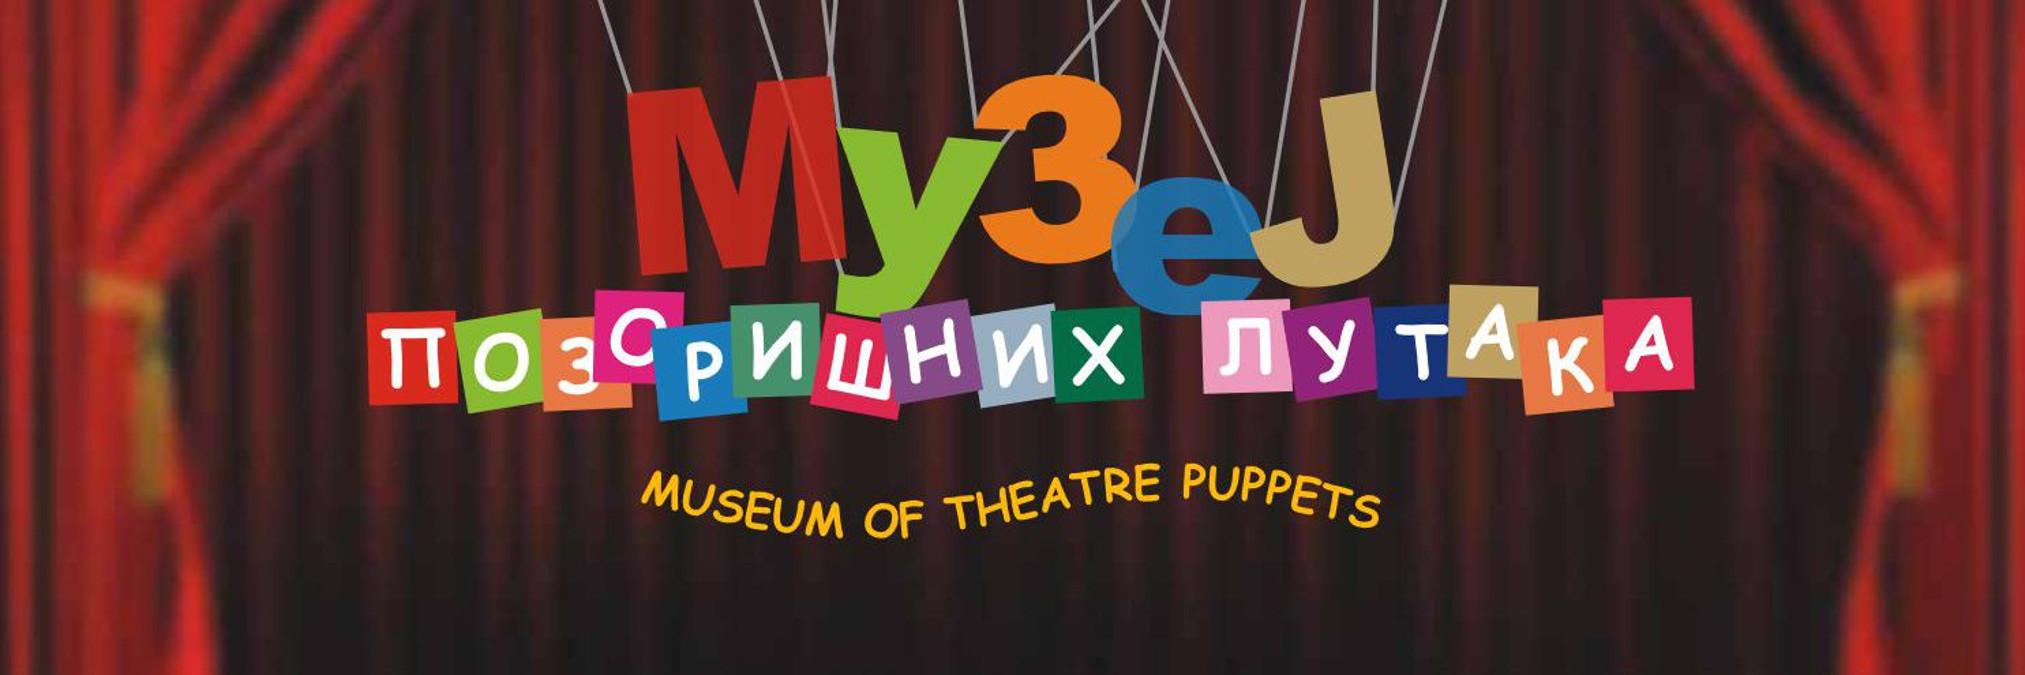 Музей театральных кукол